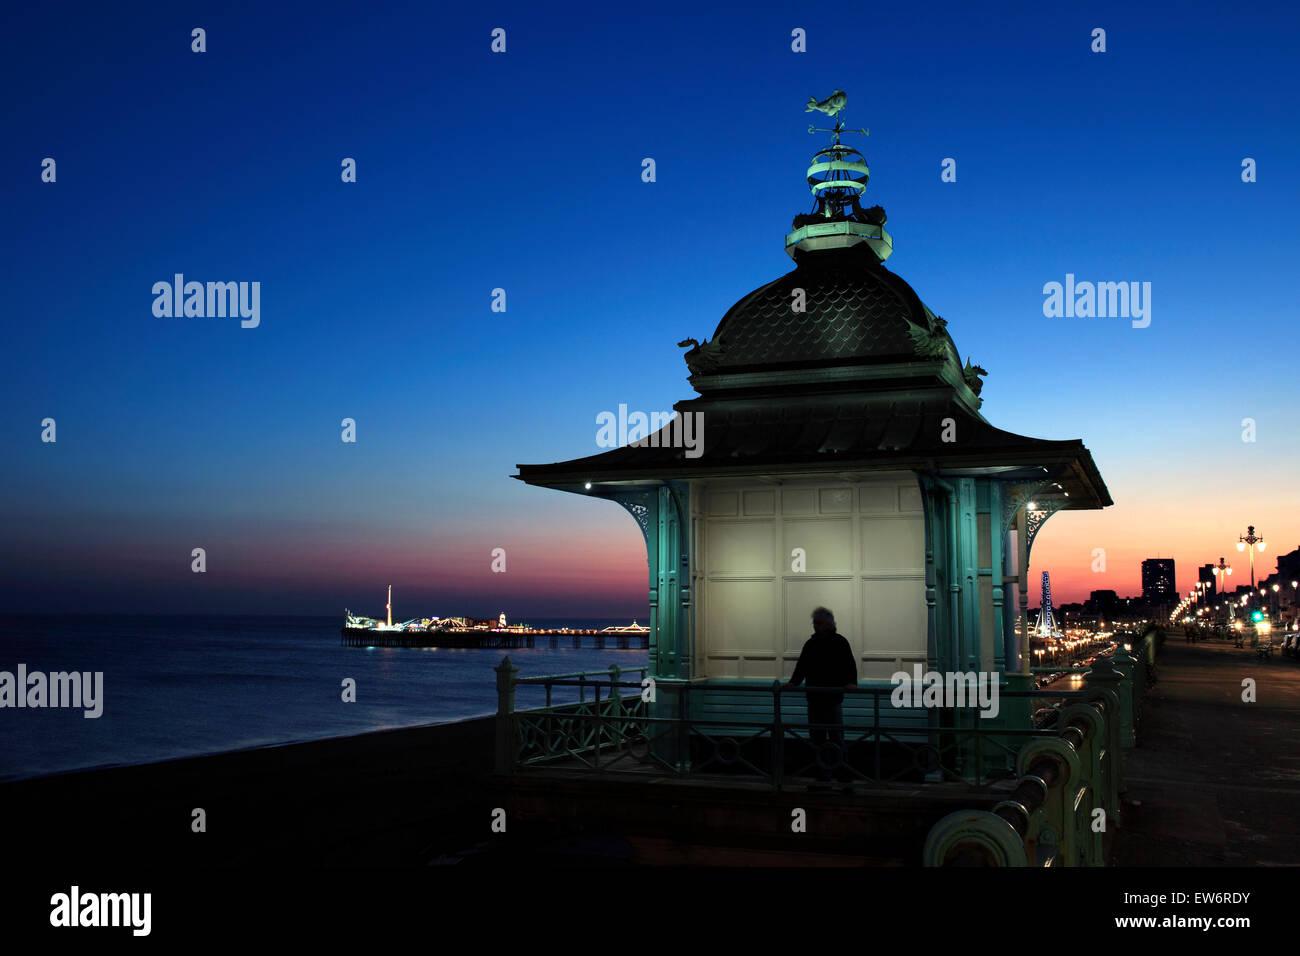 Dämmerung Himmel hinter den Madeira heben, Marine Parade, Brighton Pier im Hintergrund beleuchtet. Stockbild